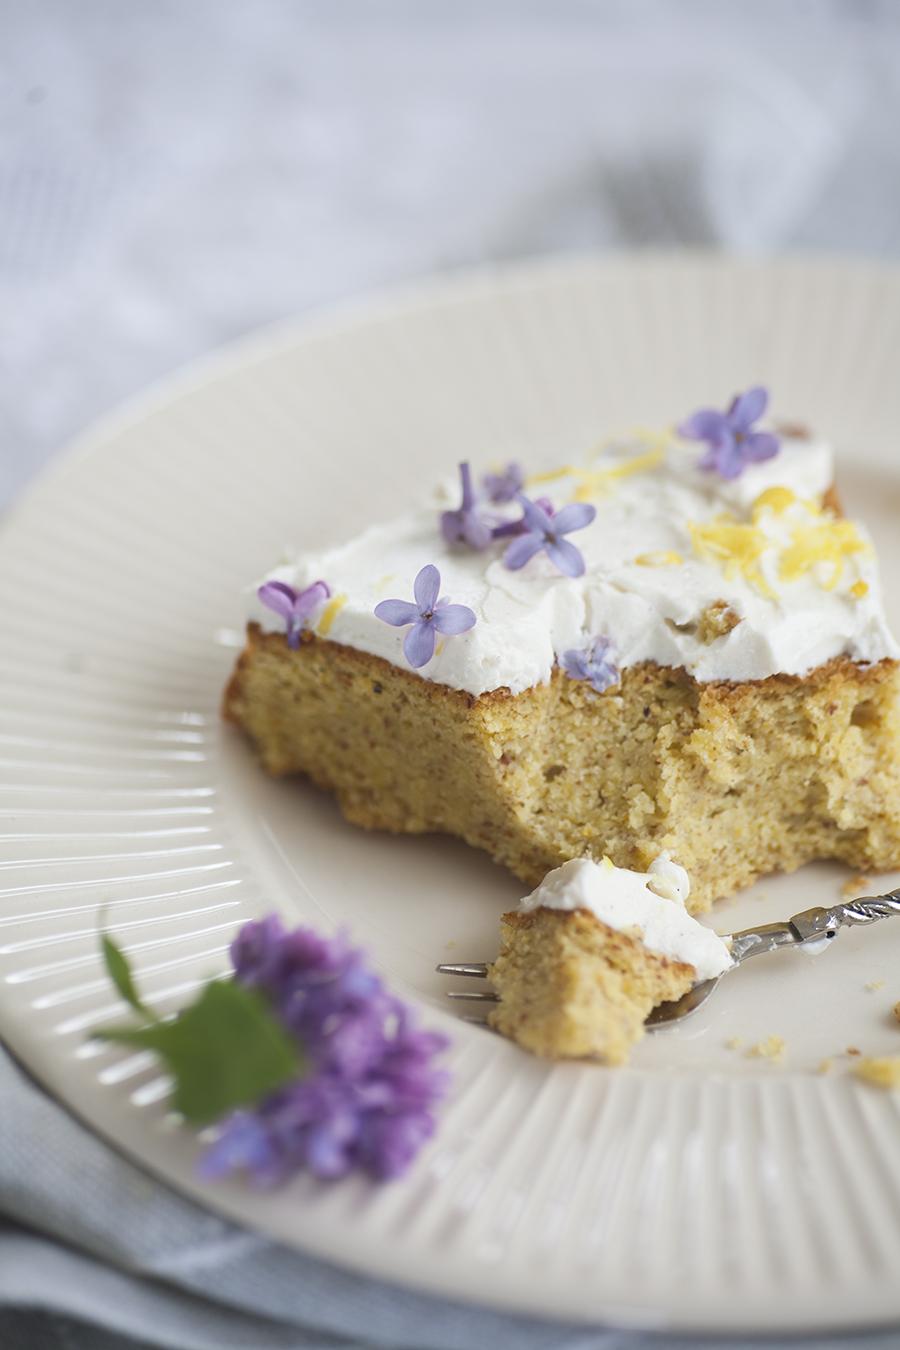 ciasto cytrynowe ozdobione bzem